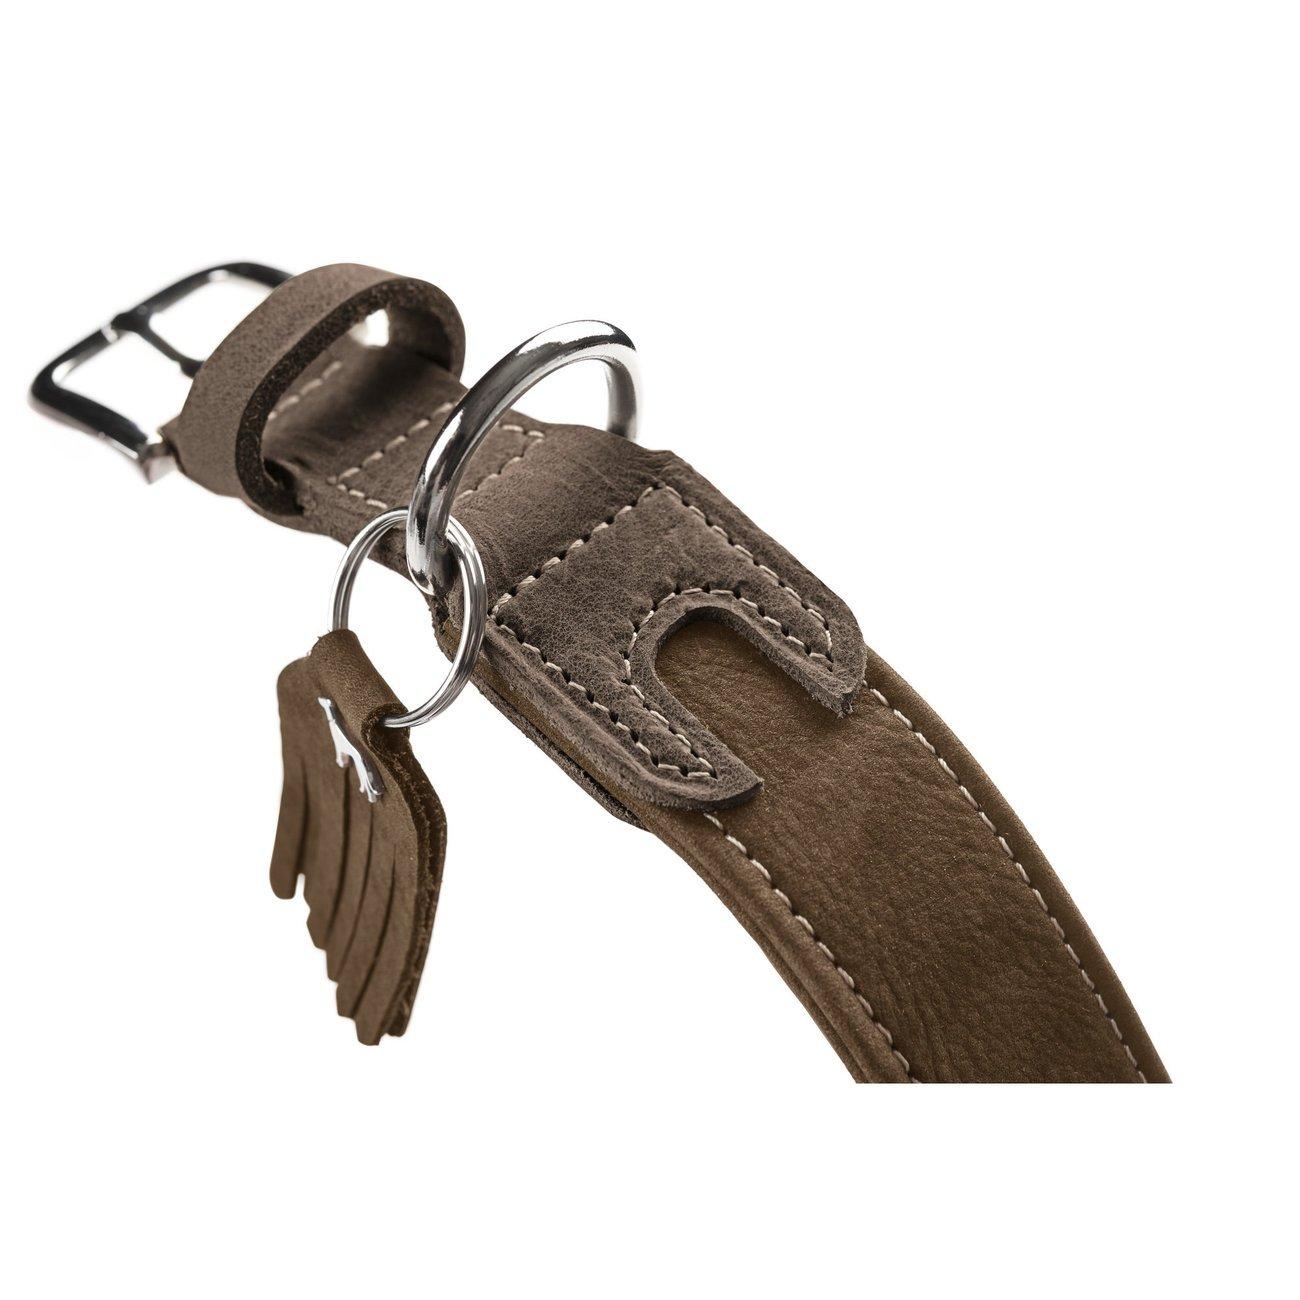 Hunter Halsband Hunting Special 68529, Bild 9